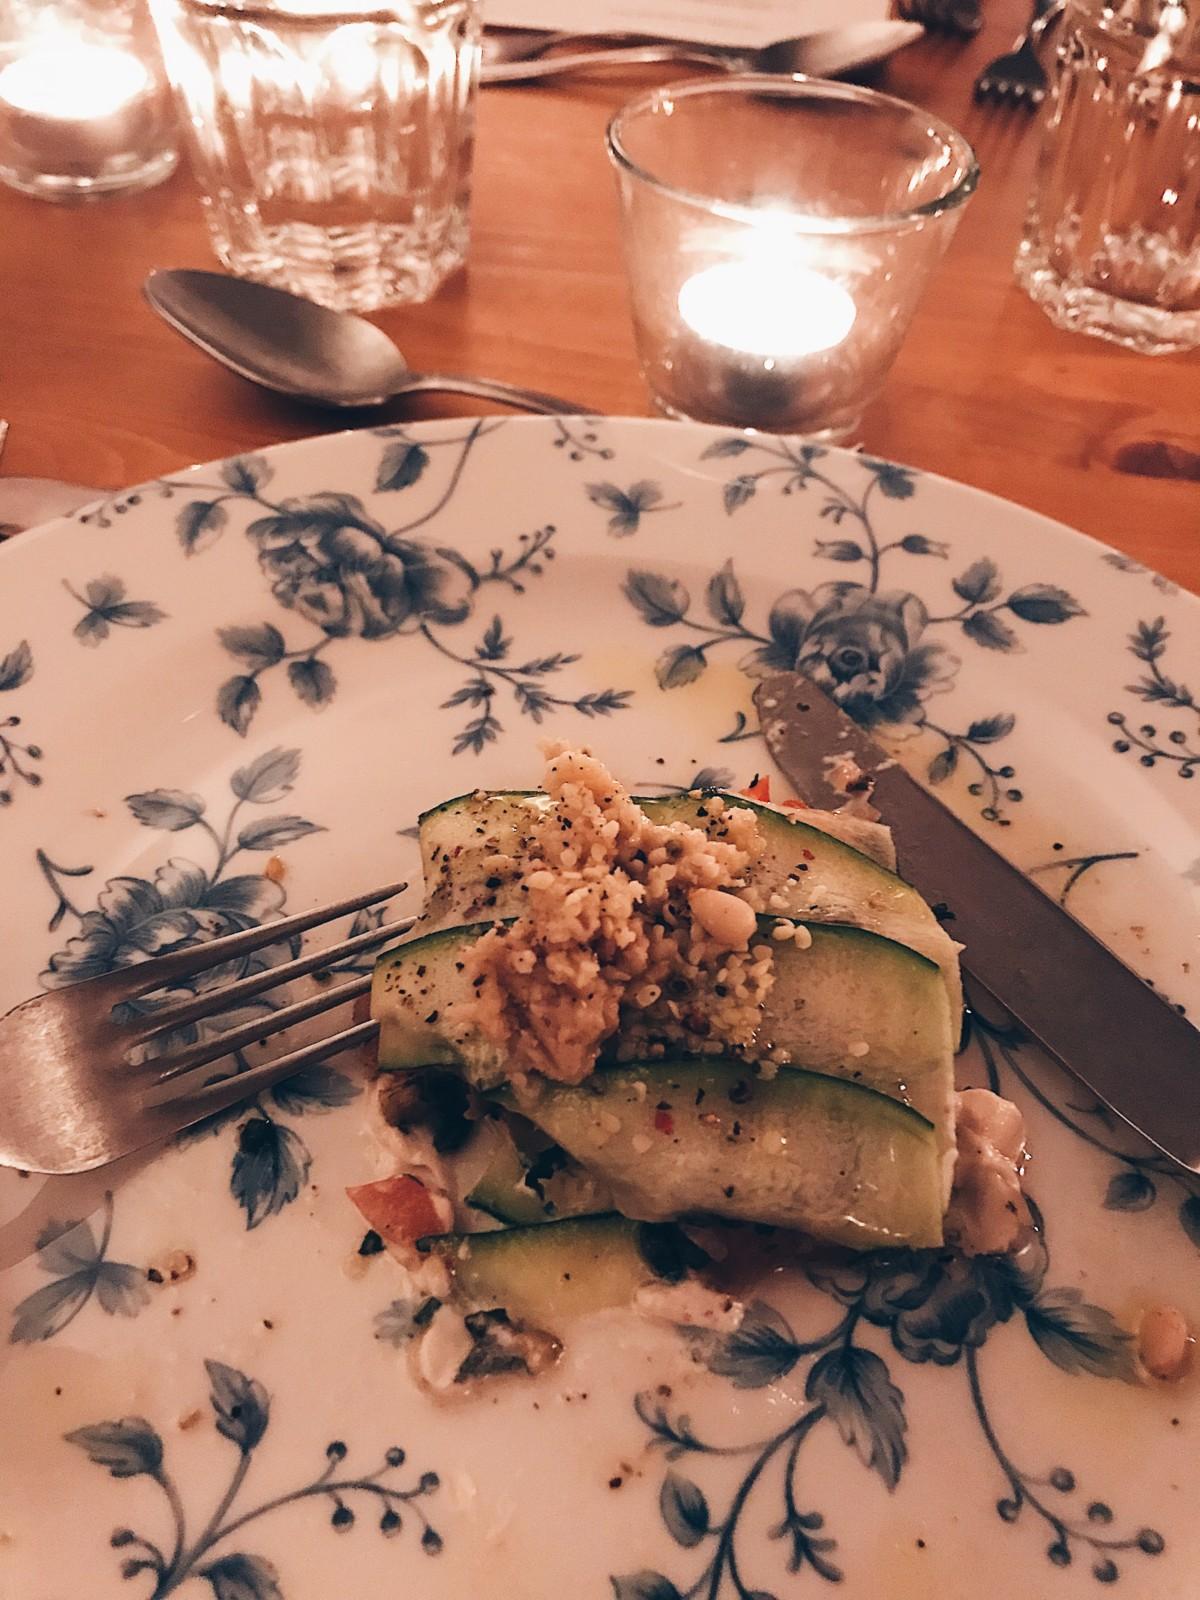 lauren-wildbolz-vegan-vegandinner-dinner-abendessen-plantbaseddinner-zuerich-lasagne